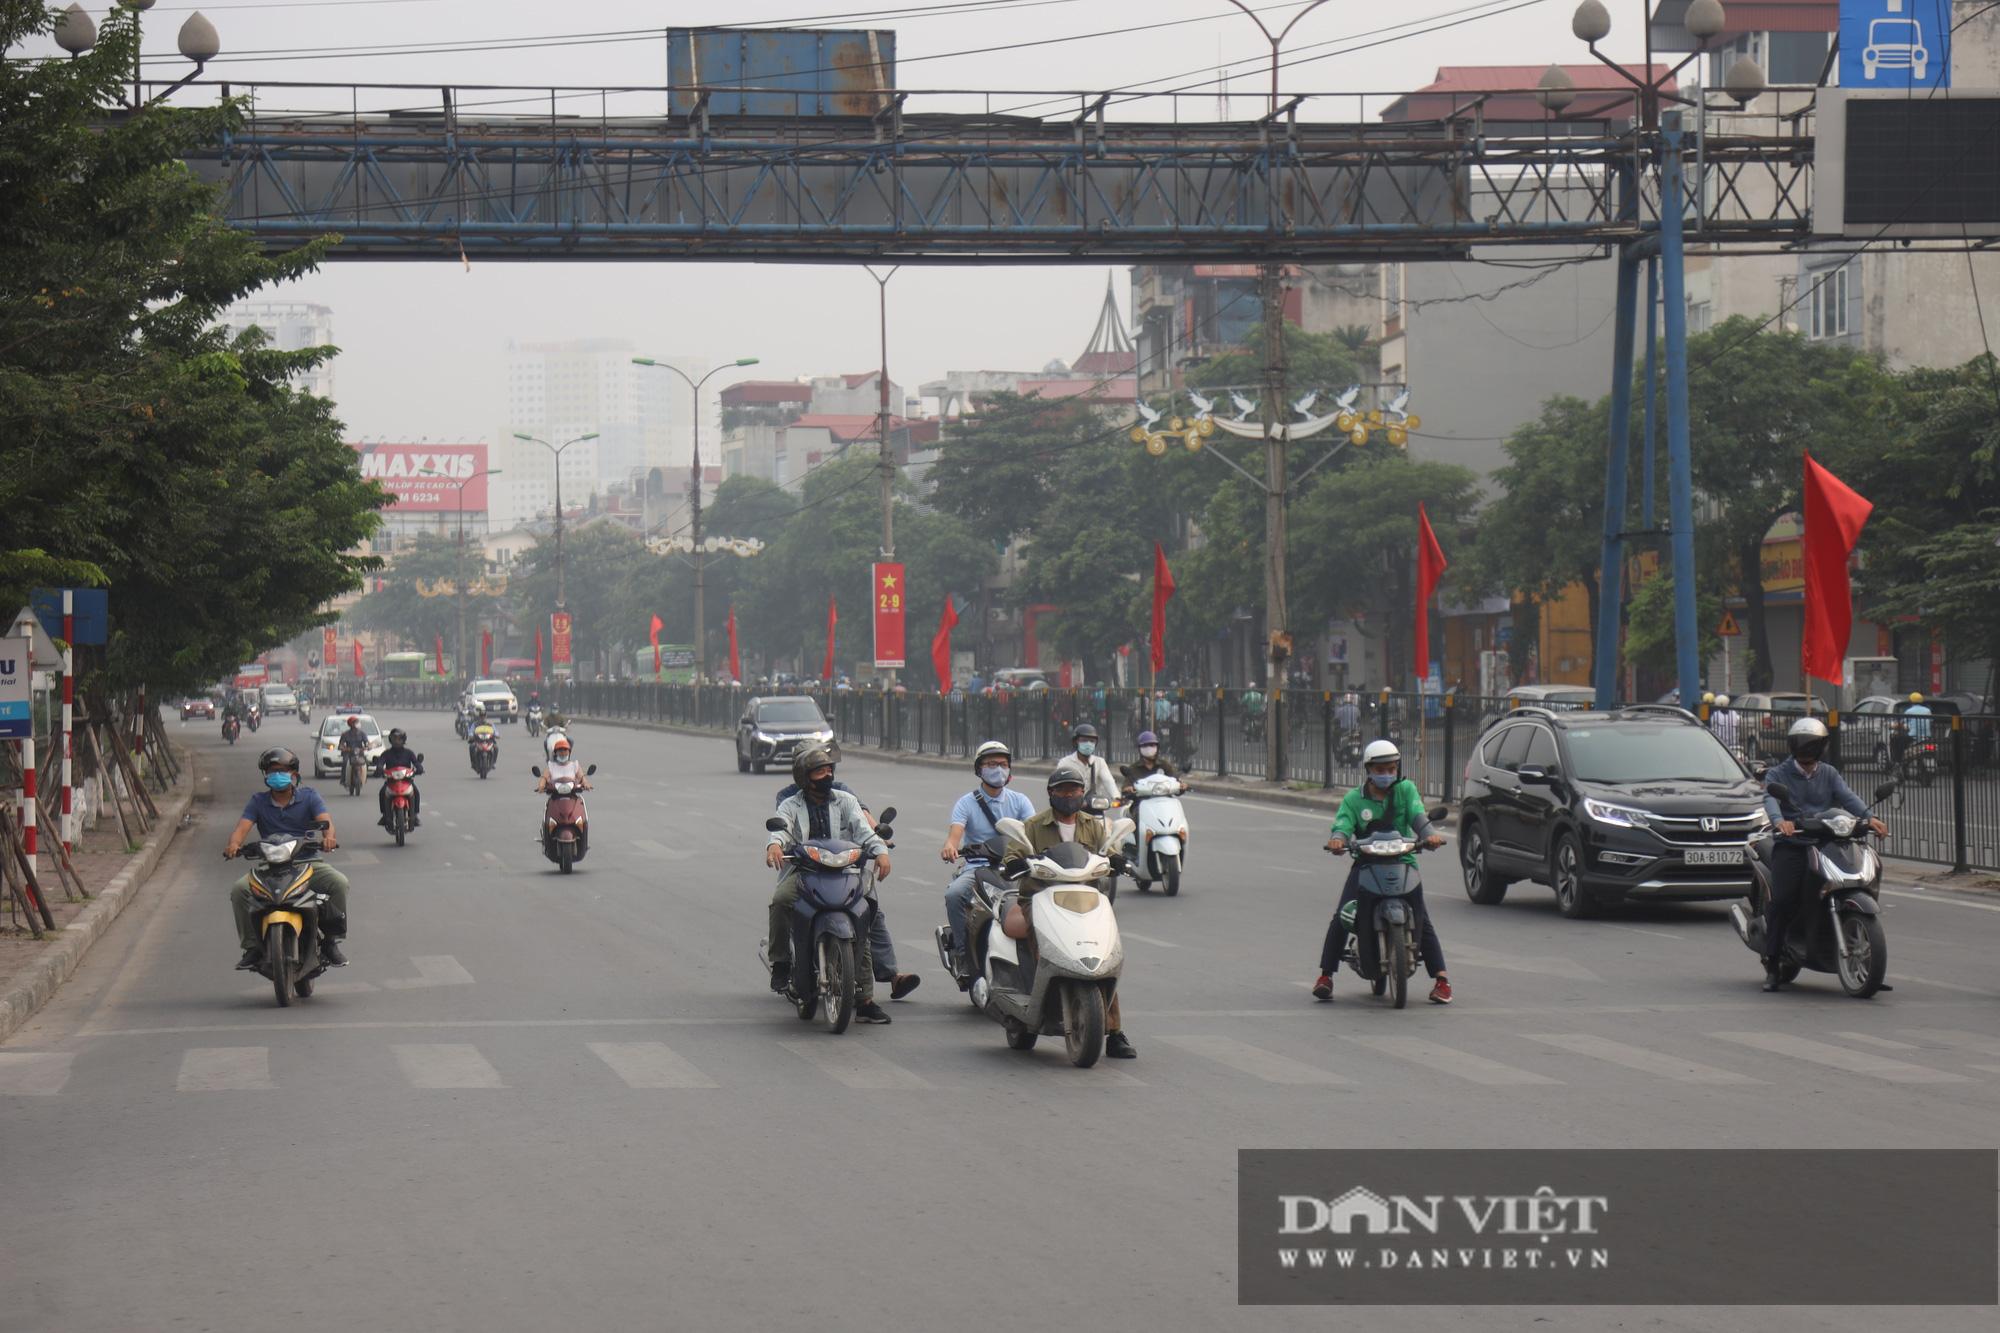 Cập nhật tình hình giao thông tại các cửa ngõ vào nội thành Hà Nội sau nghỉ lễ 2/9 - Ảnh 8.